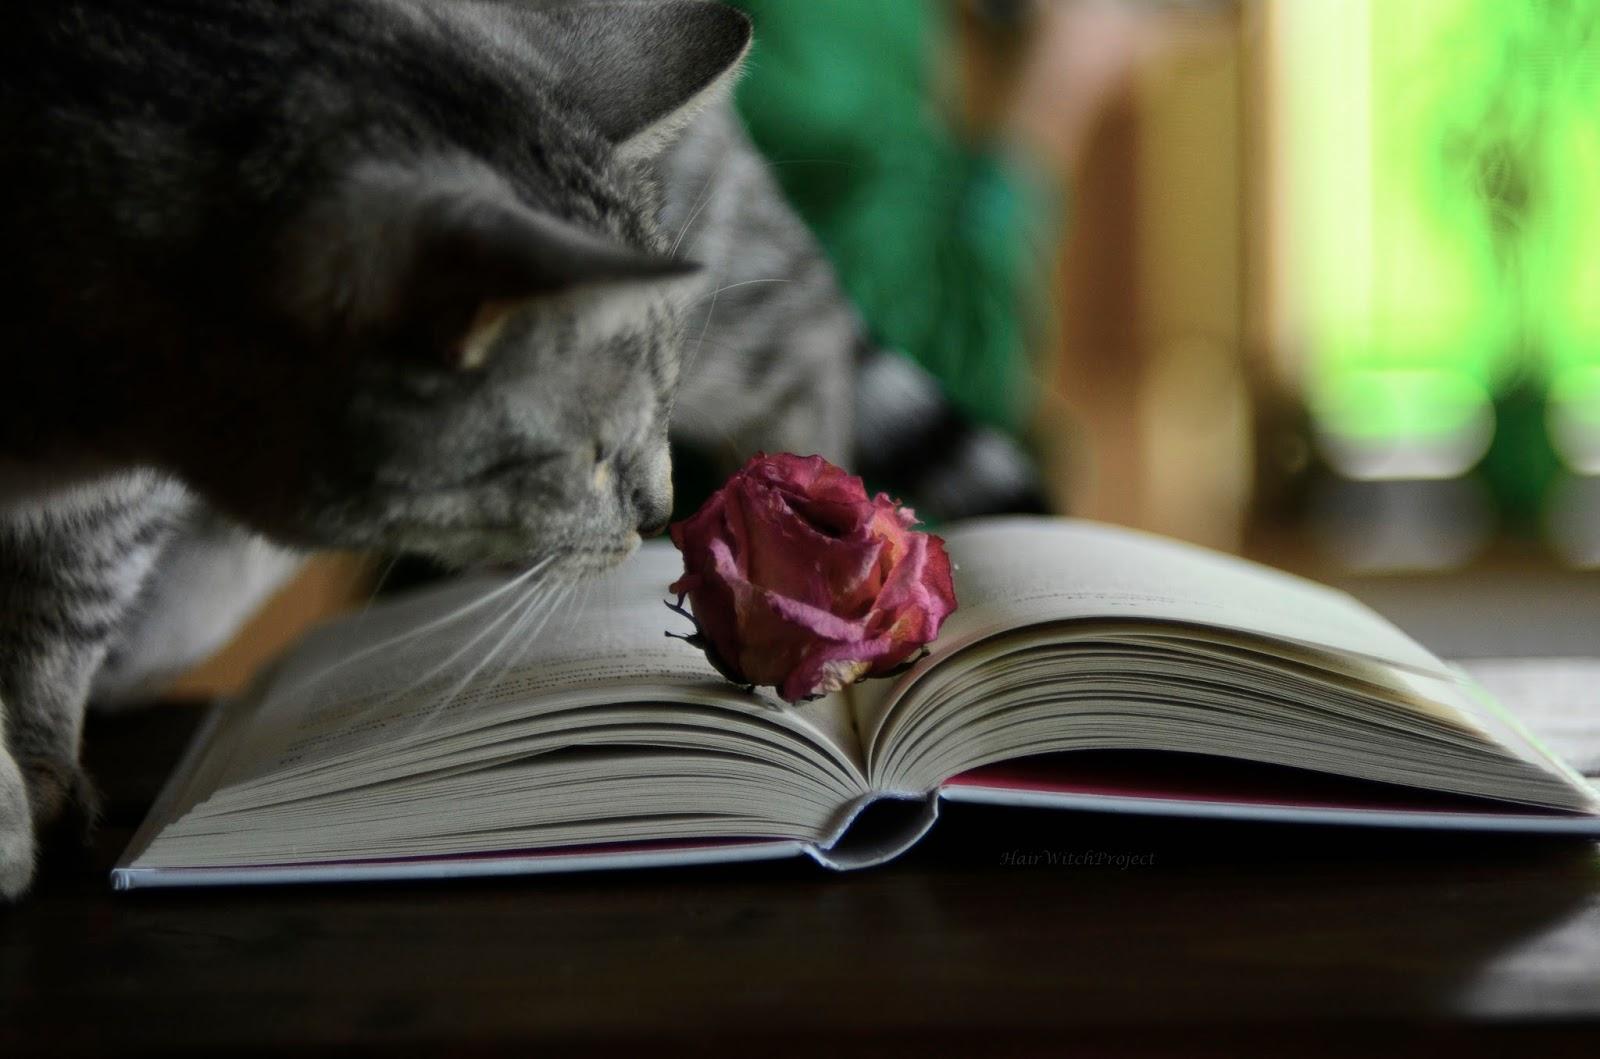 książka | #instaserial o miłości | recenzja | lifestyle | kot